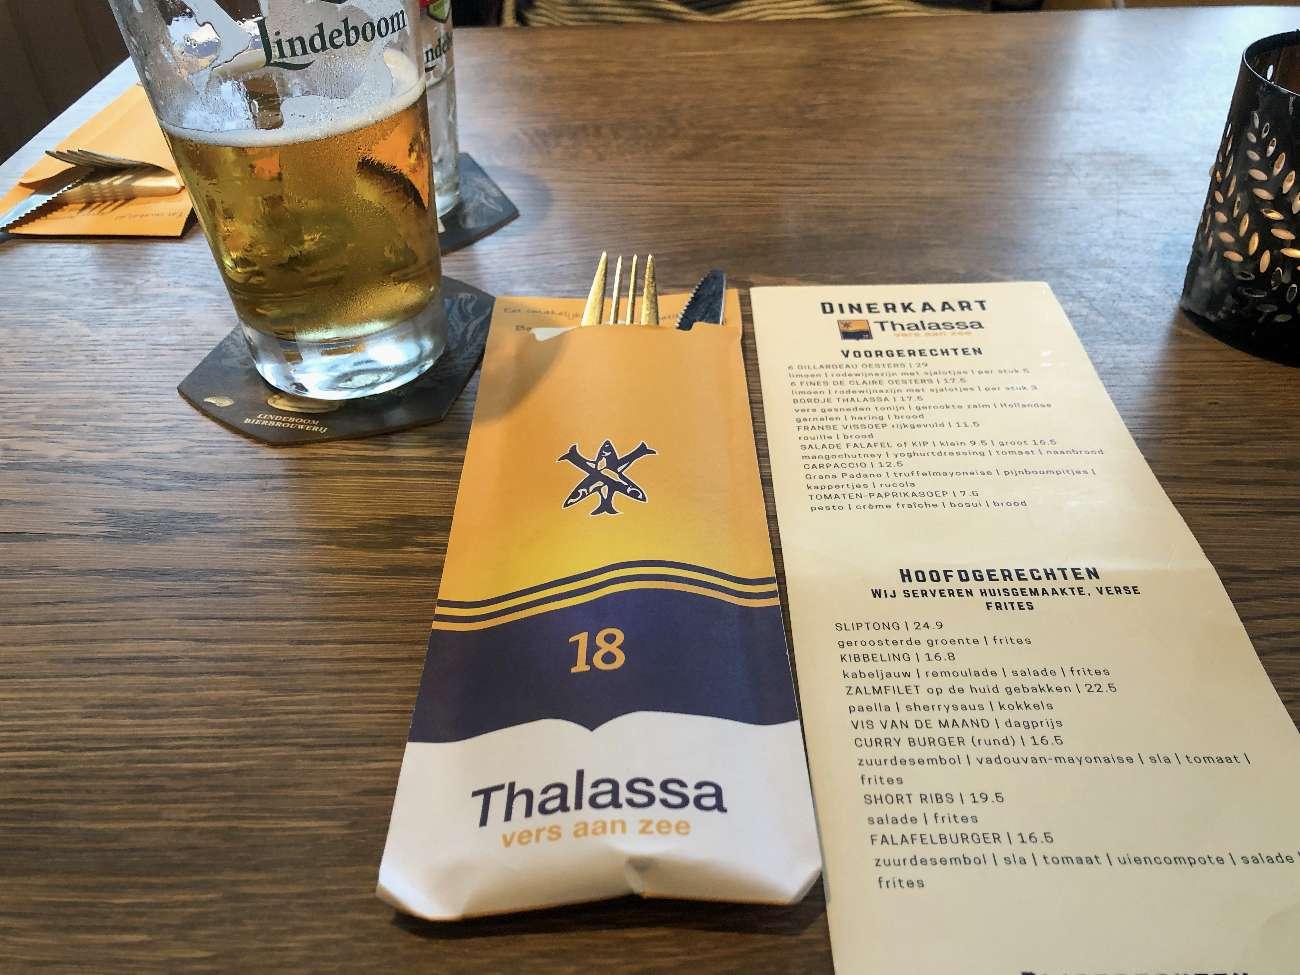 Speisekarte des Strandpavillons Thalassa in Zandvoort aan Zee in den Niederlanden